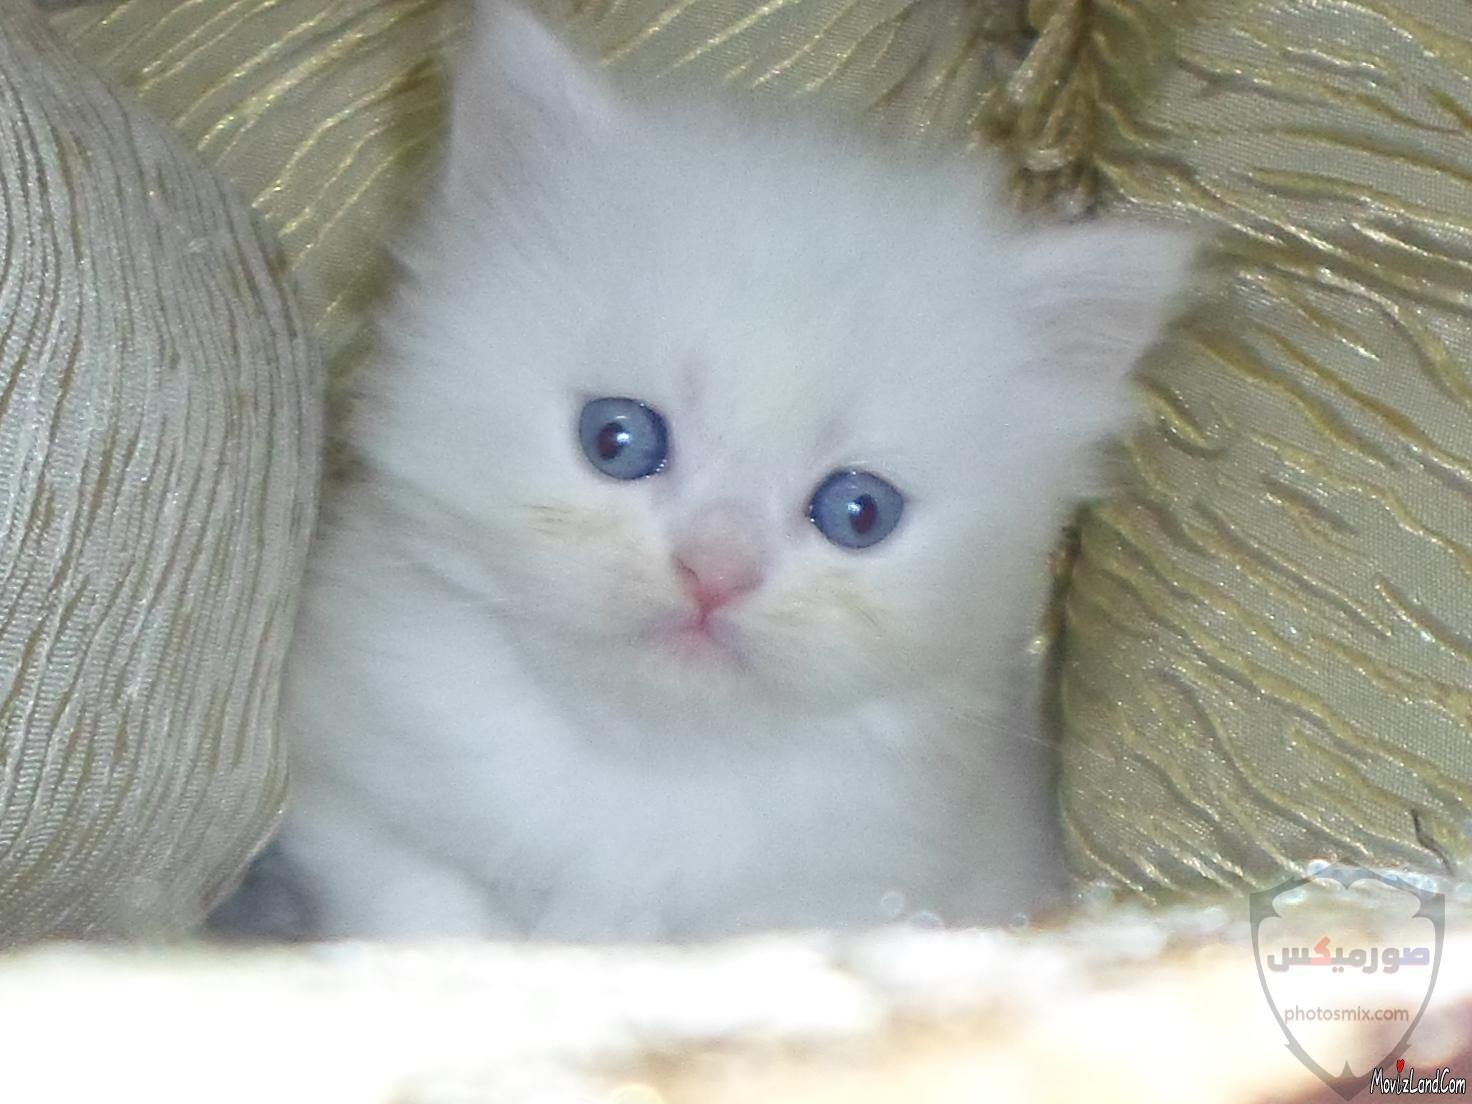 صور خلفيات رمزيات قطط كيوت صورة قطة كيوت جدا 30